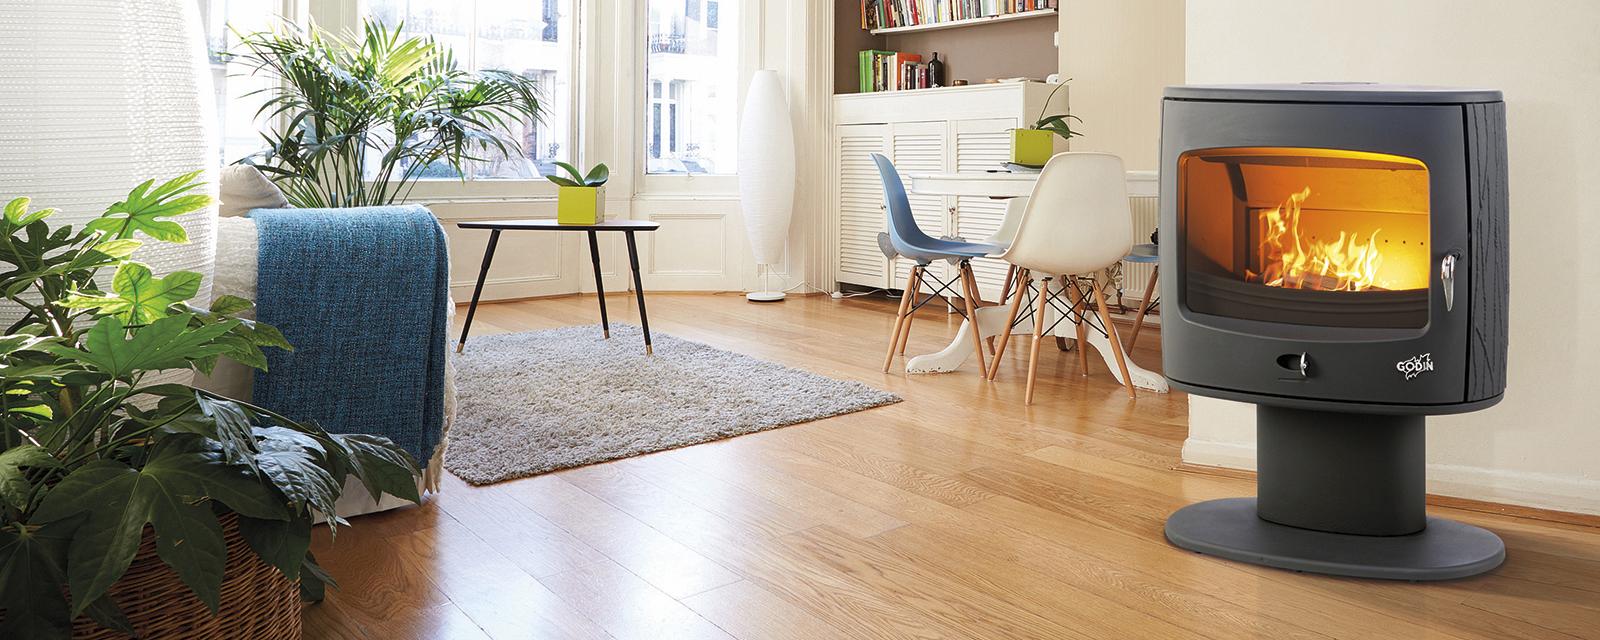 Chauffage de votre logement : quelles sont les innovations incontournables ?